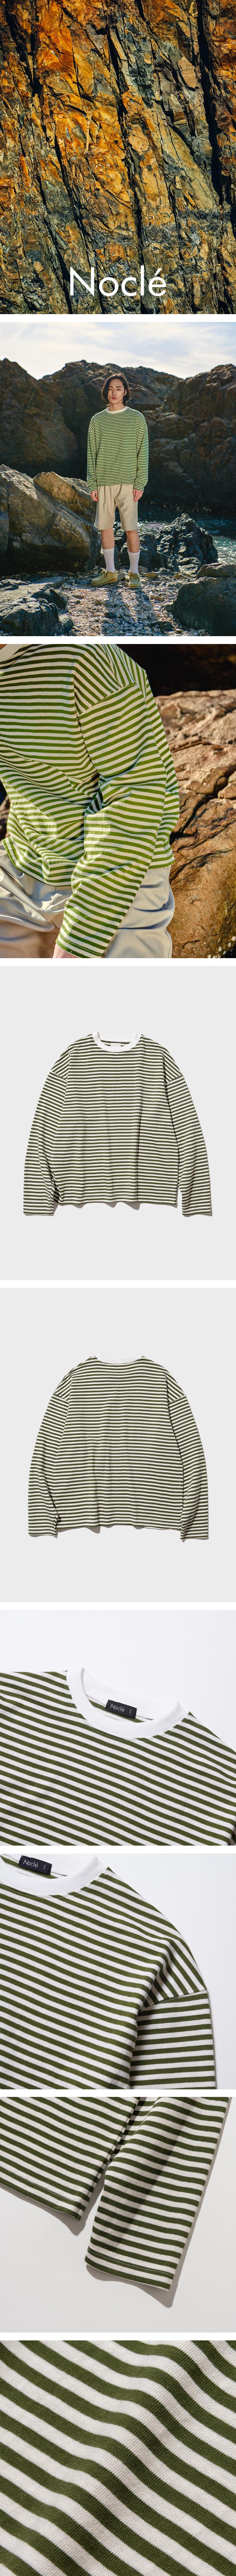 노클(NOCLE) Relax Stripe Tee Olive